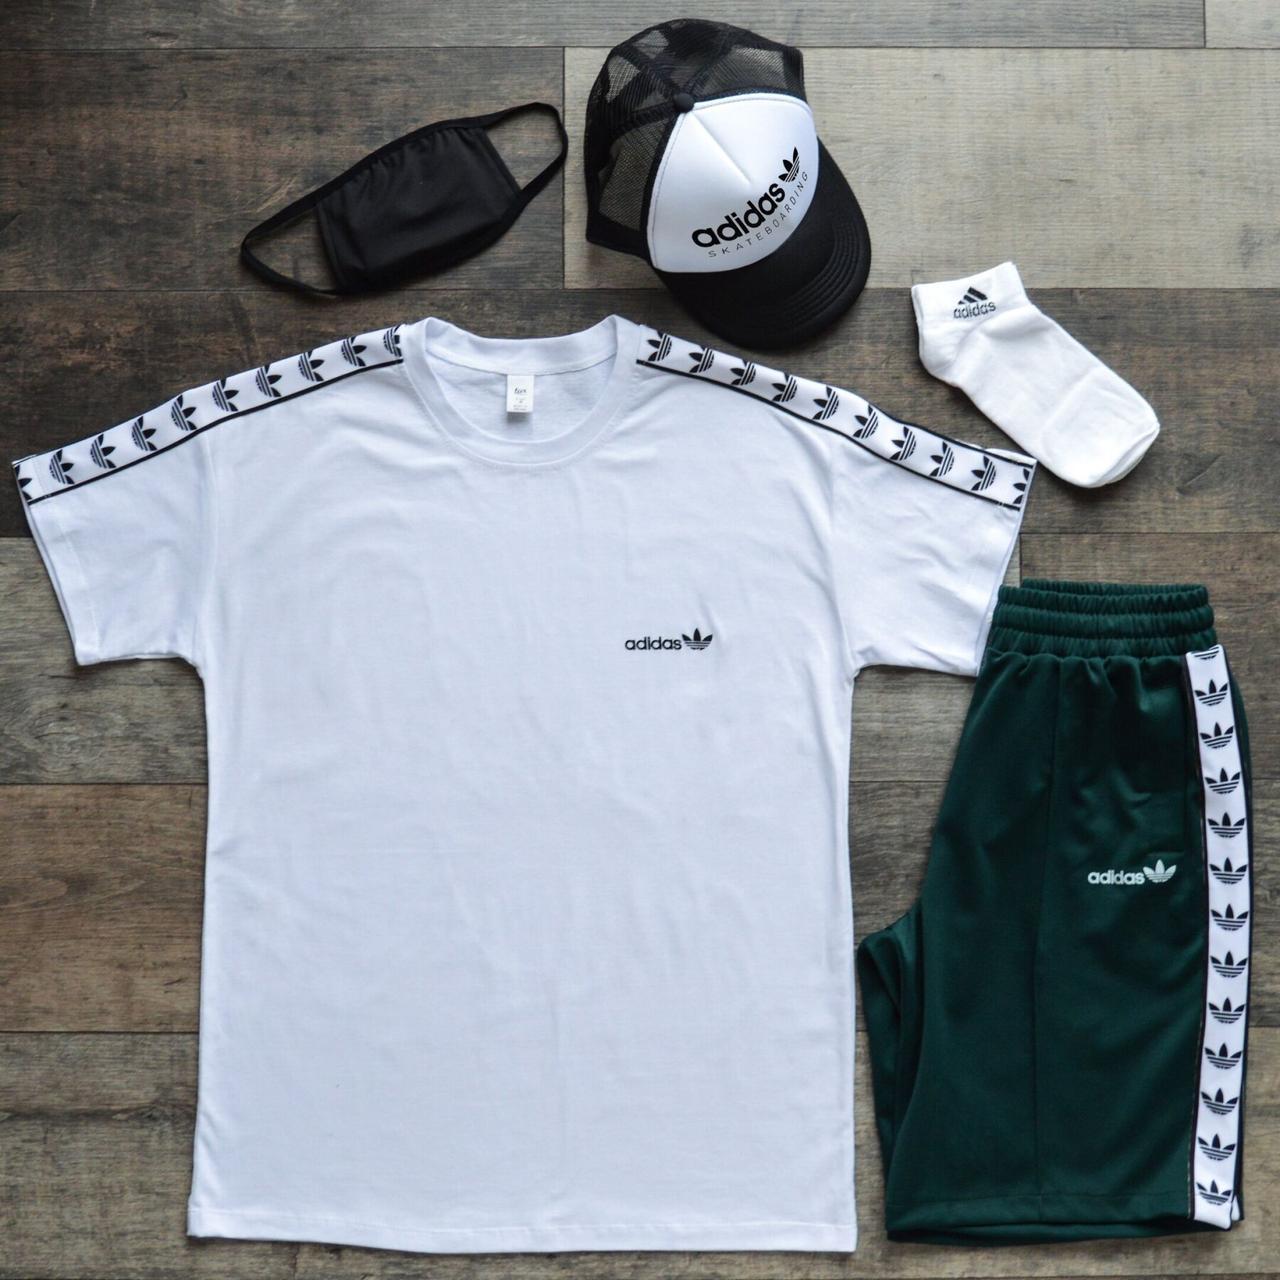 Літній спортивний костюм чоловічий (комплект речей) Adidas